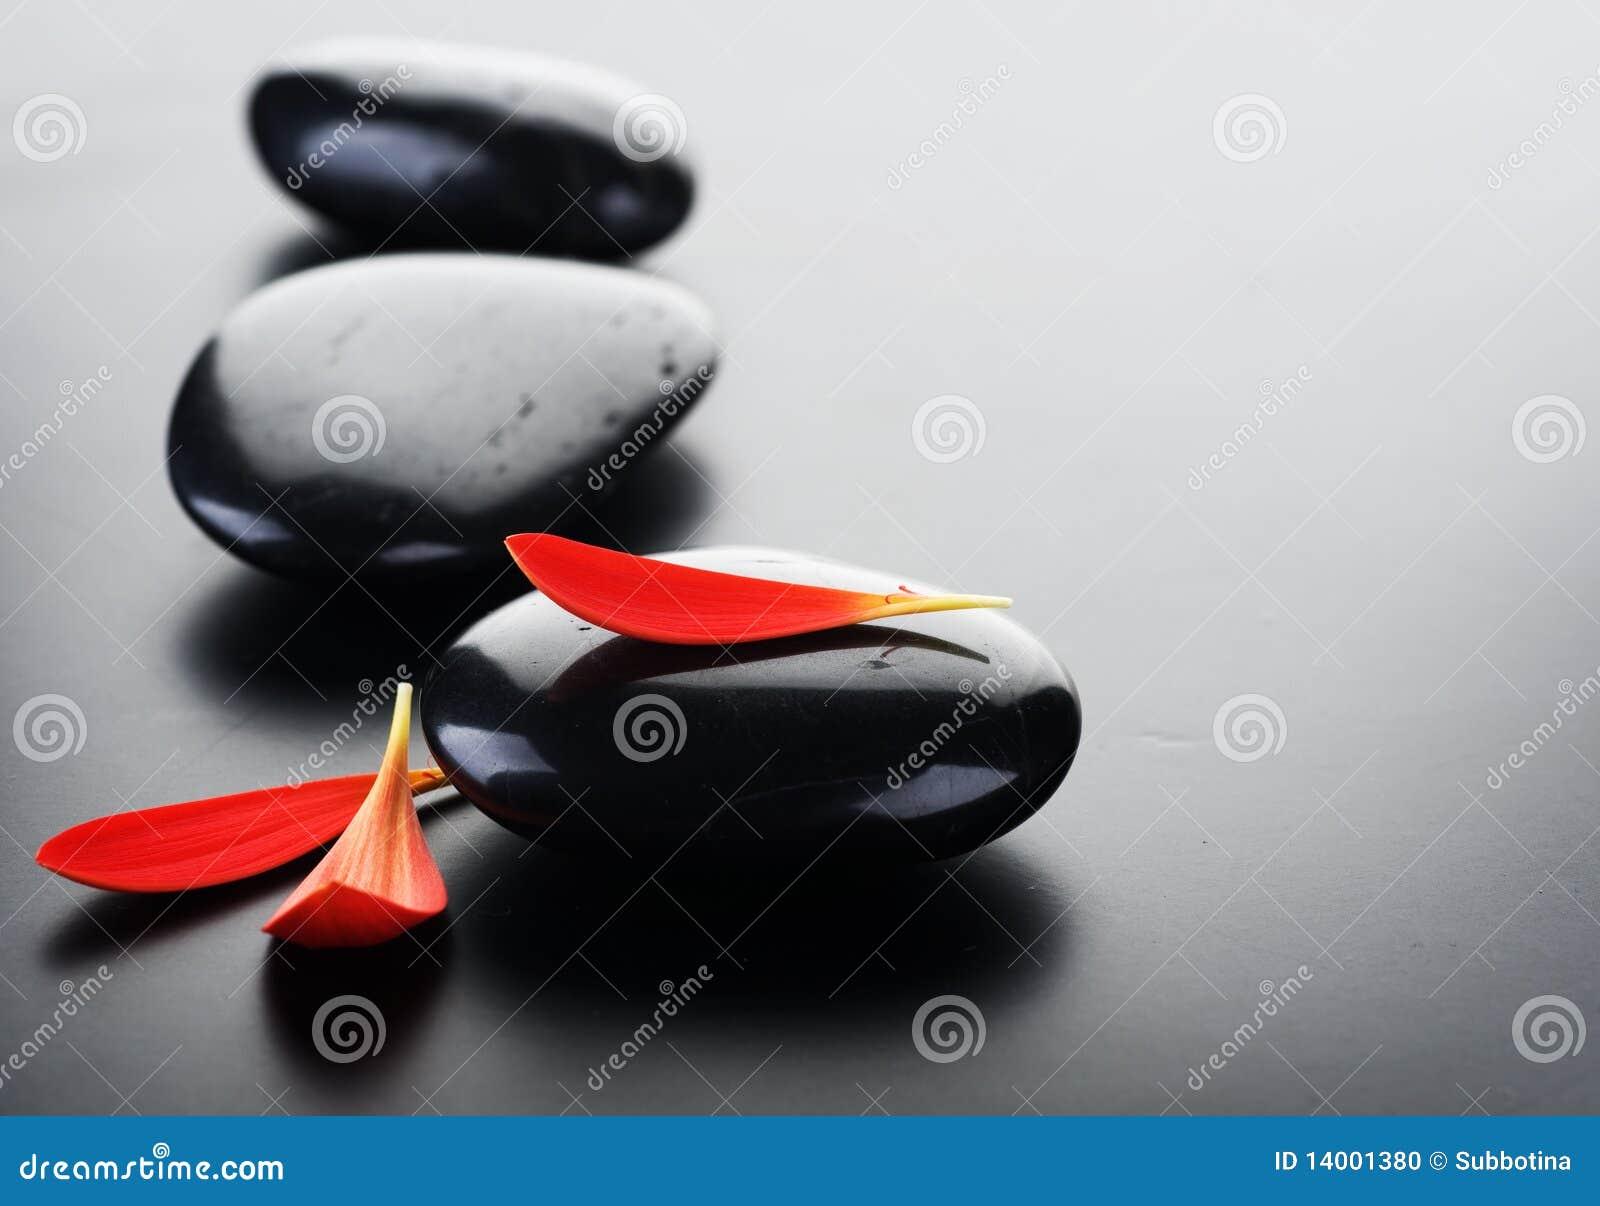 Spa Zen Stones